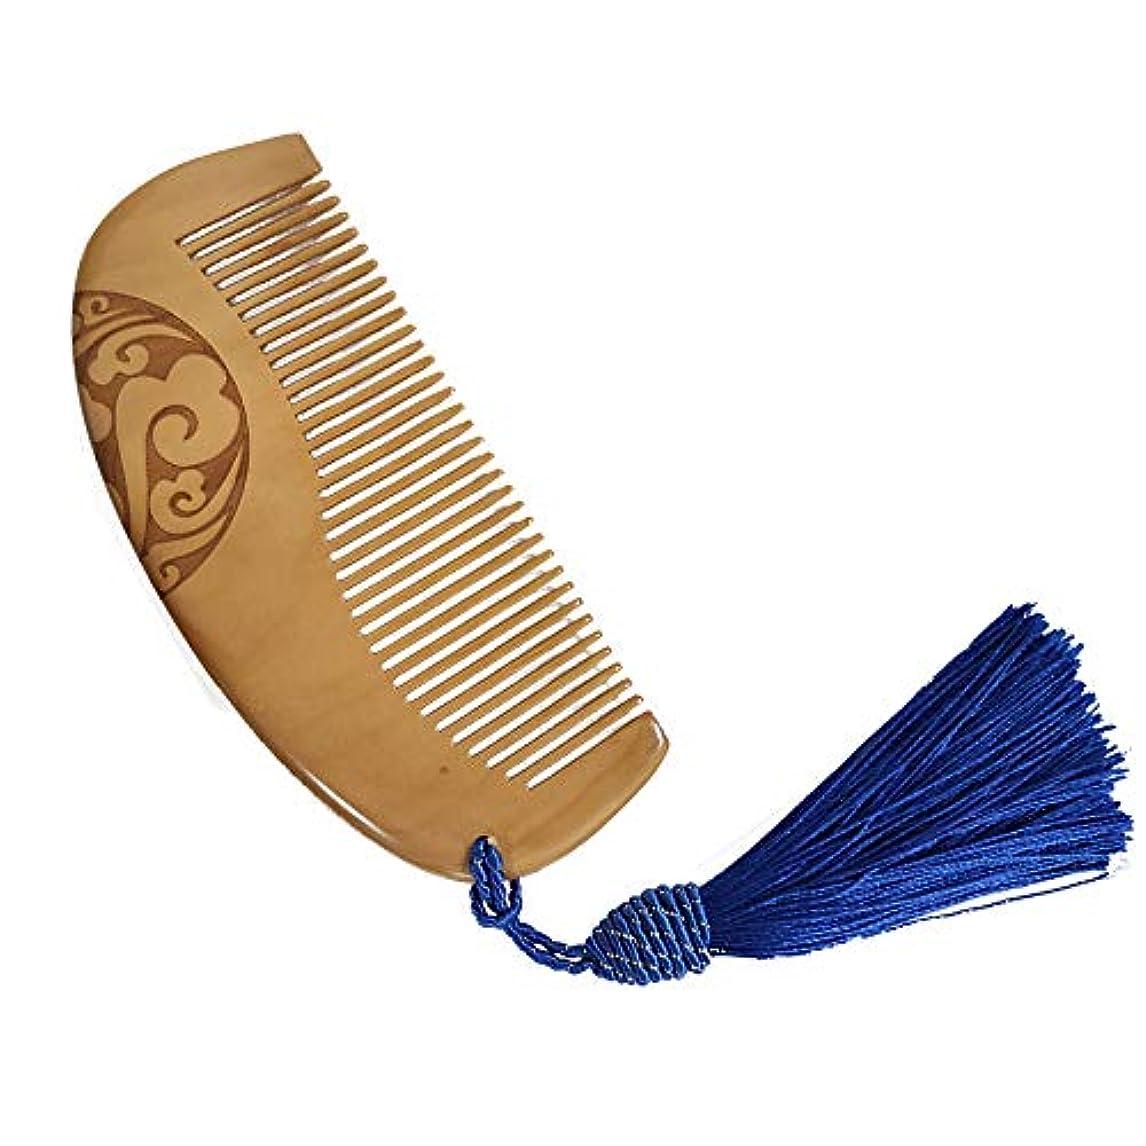 適合ビーズ依存SHANGQI 高級木製櫛 ヘアコーム 半月とき櫛 頭皮マッサージ 天然ピーチツリー 静電気防止(青)